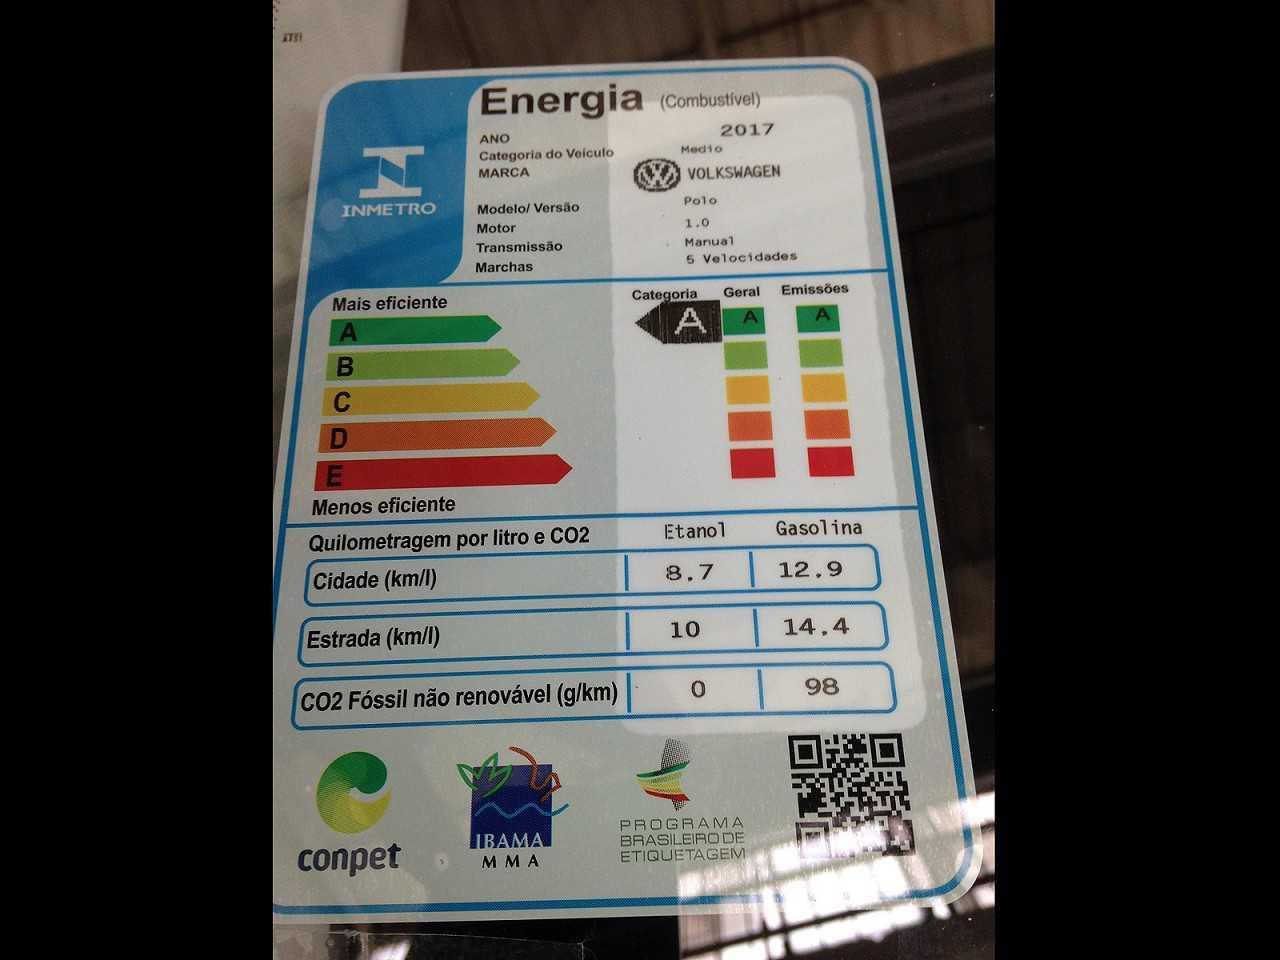 Selo do Programa Brasileiro de Etiquetagem Veicular apontando a versão 1.0 manual de 5 marchas do novo Polo